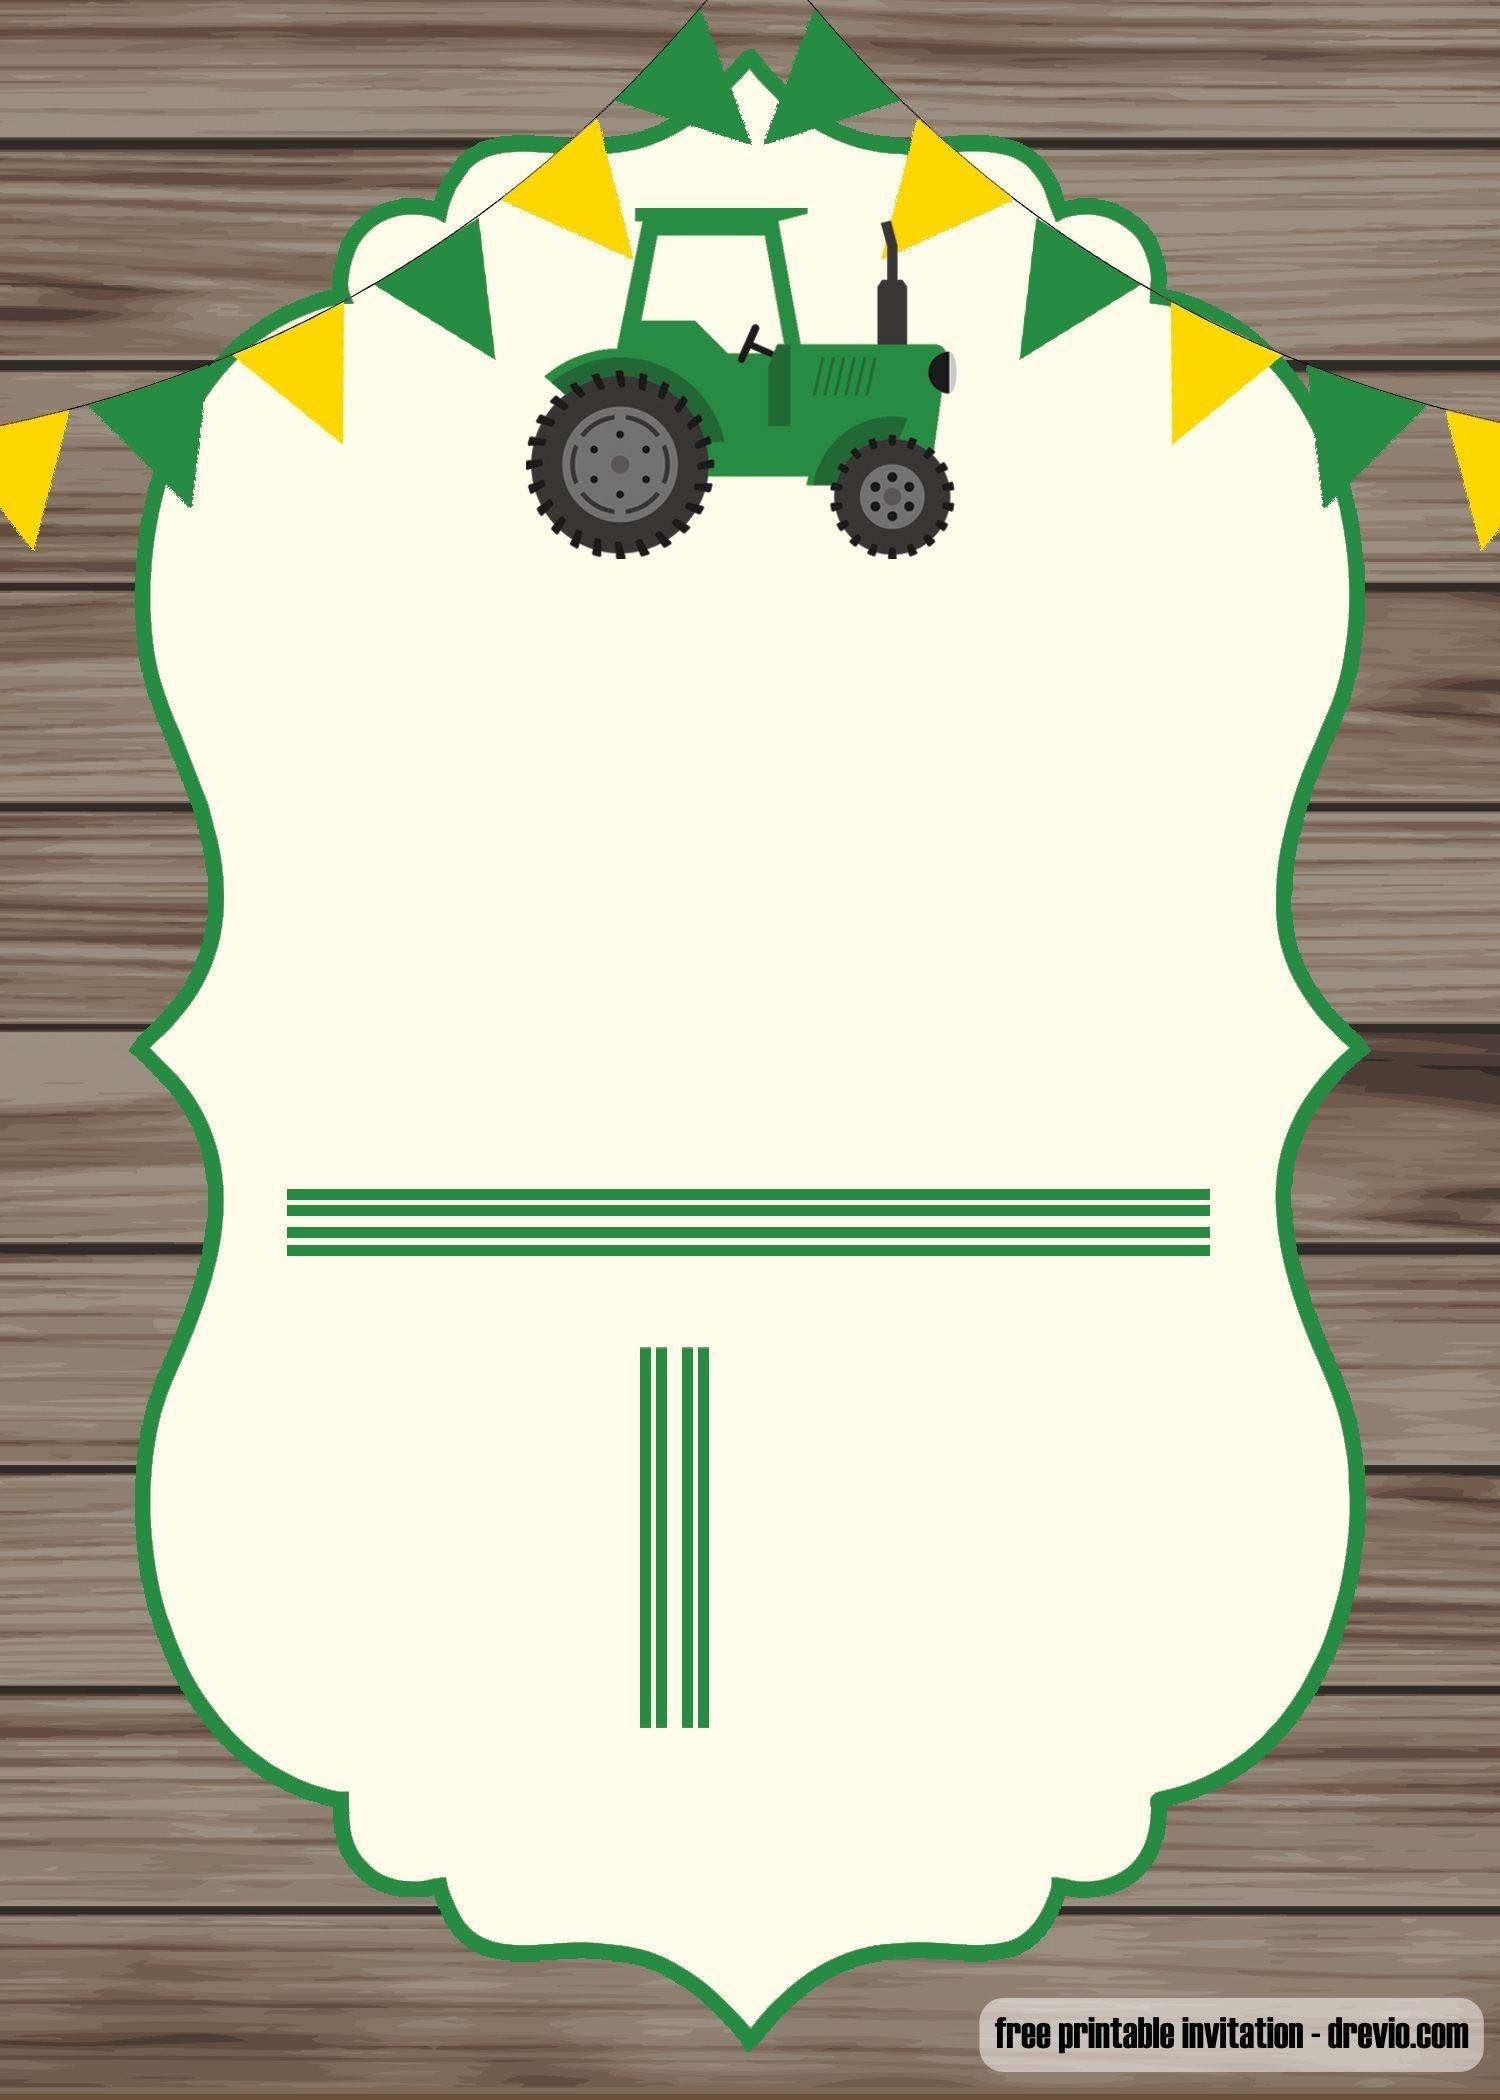 Free Printable John Deere Invitation Template   Baby 3!   Free - Free Printable John Deere Birthday Invitations